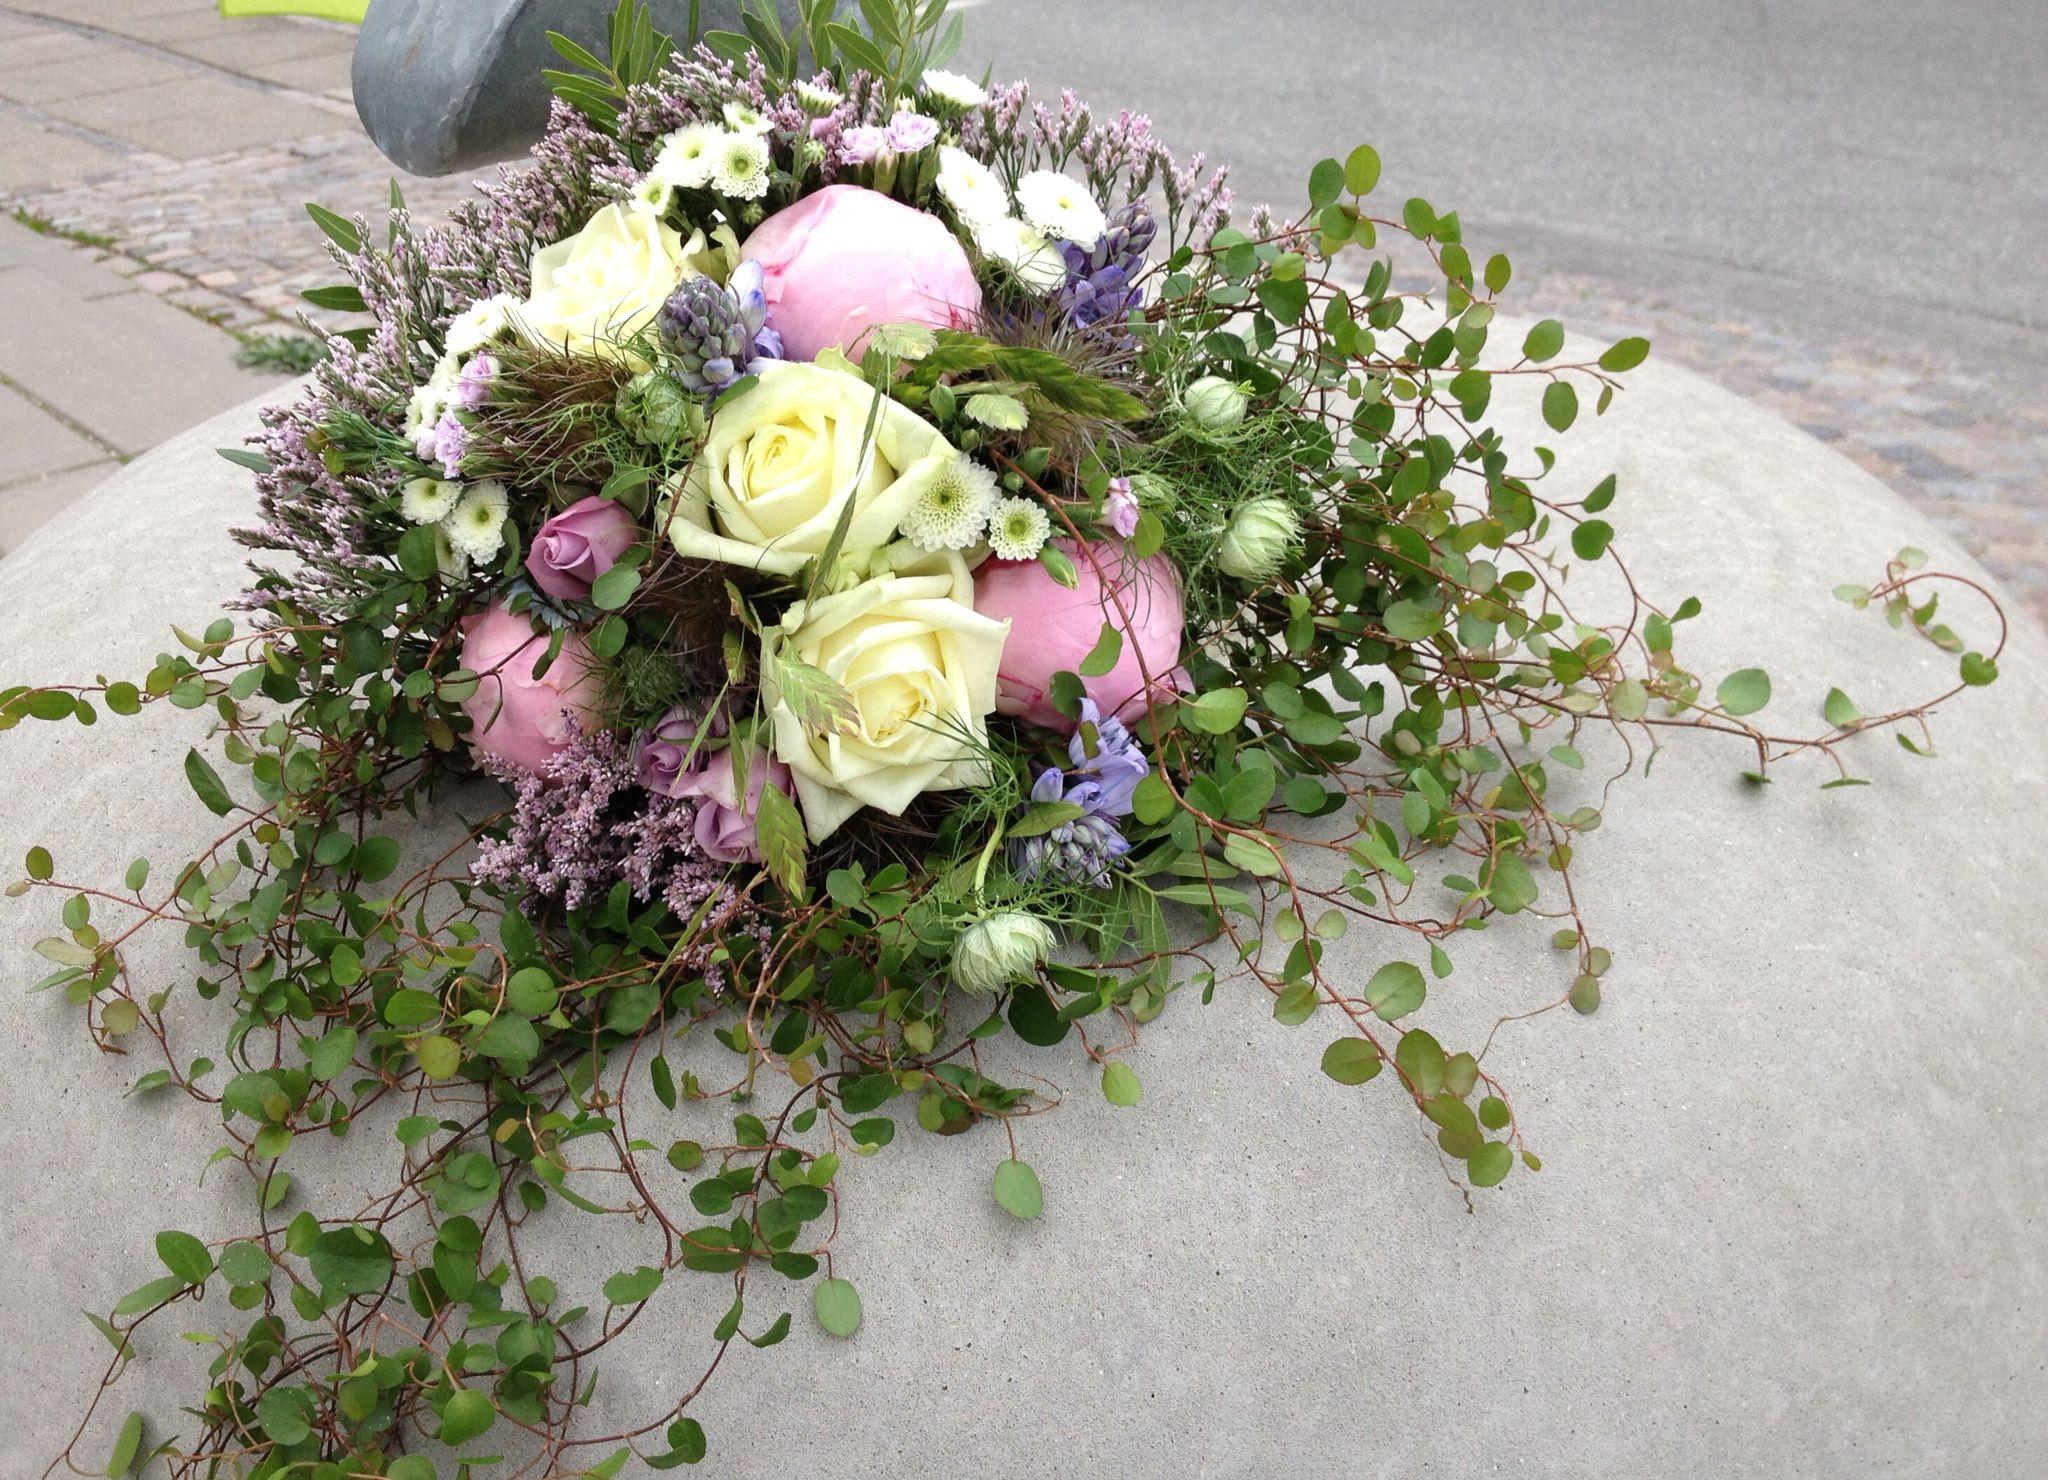 Ugens Brudebuket med sommerblomster og pletter i luften